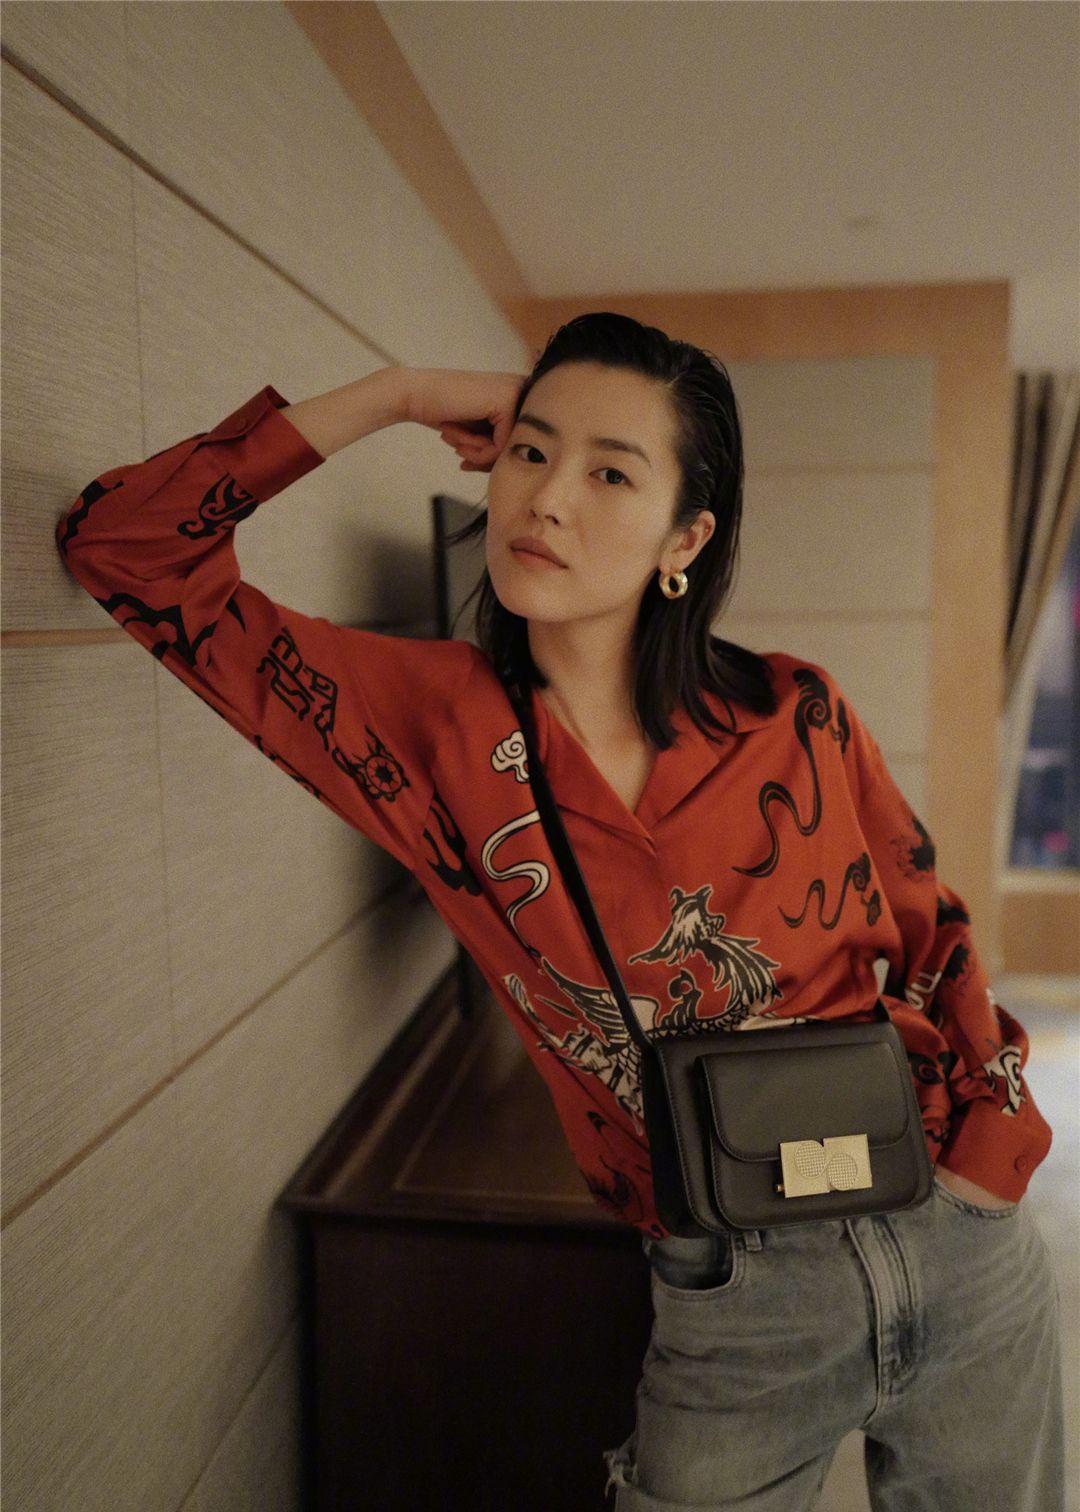 刘雯私服更新,齐肩短发,珊瑚色印花上衣搭配牛仔裤,休闲又时尚